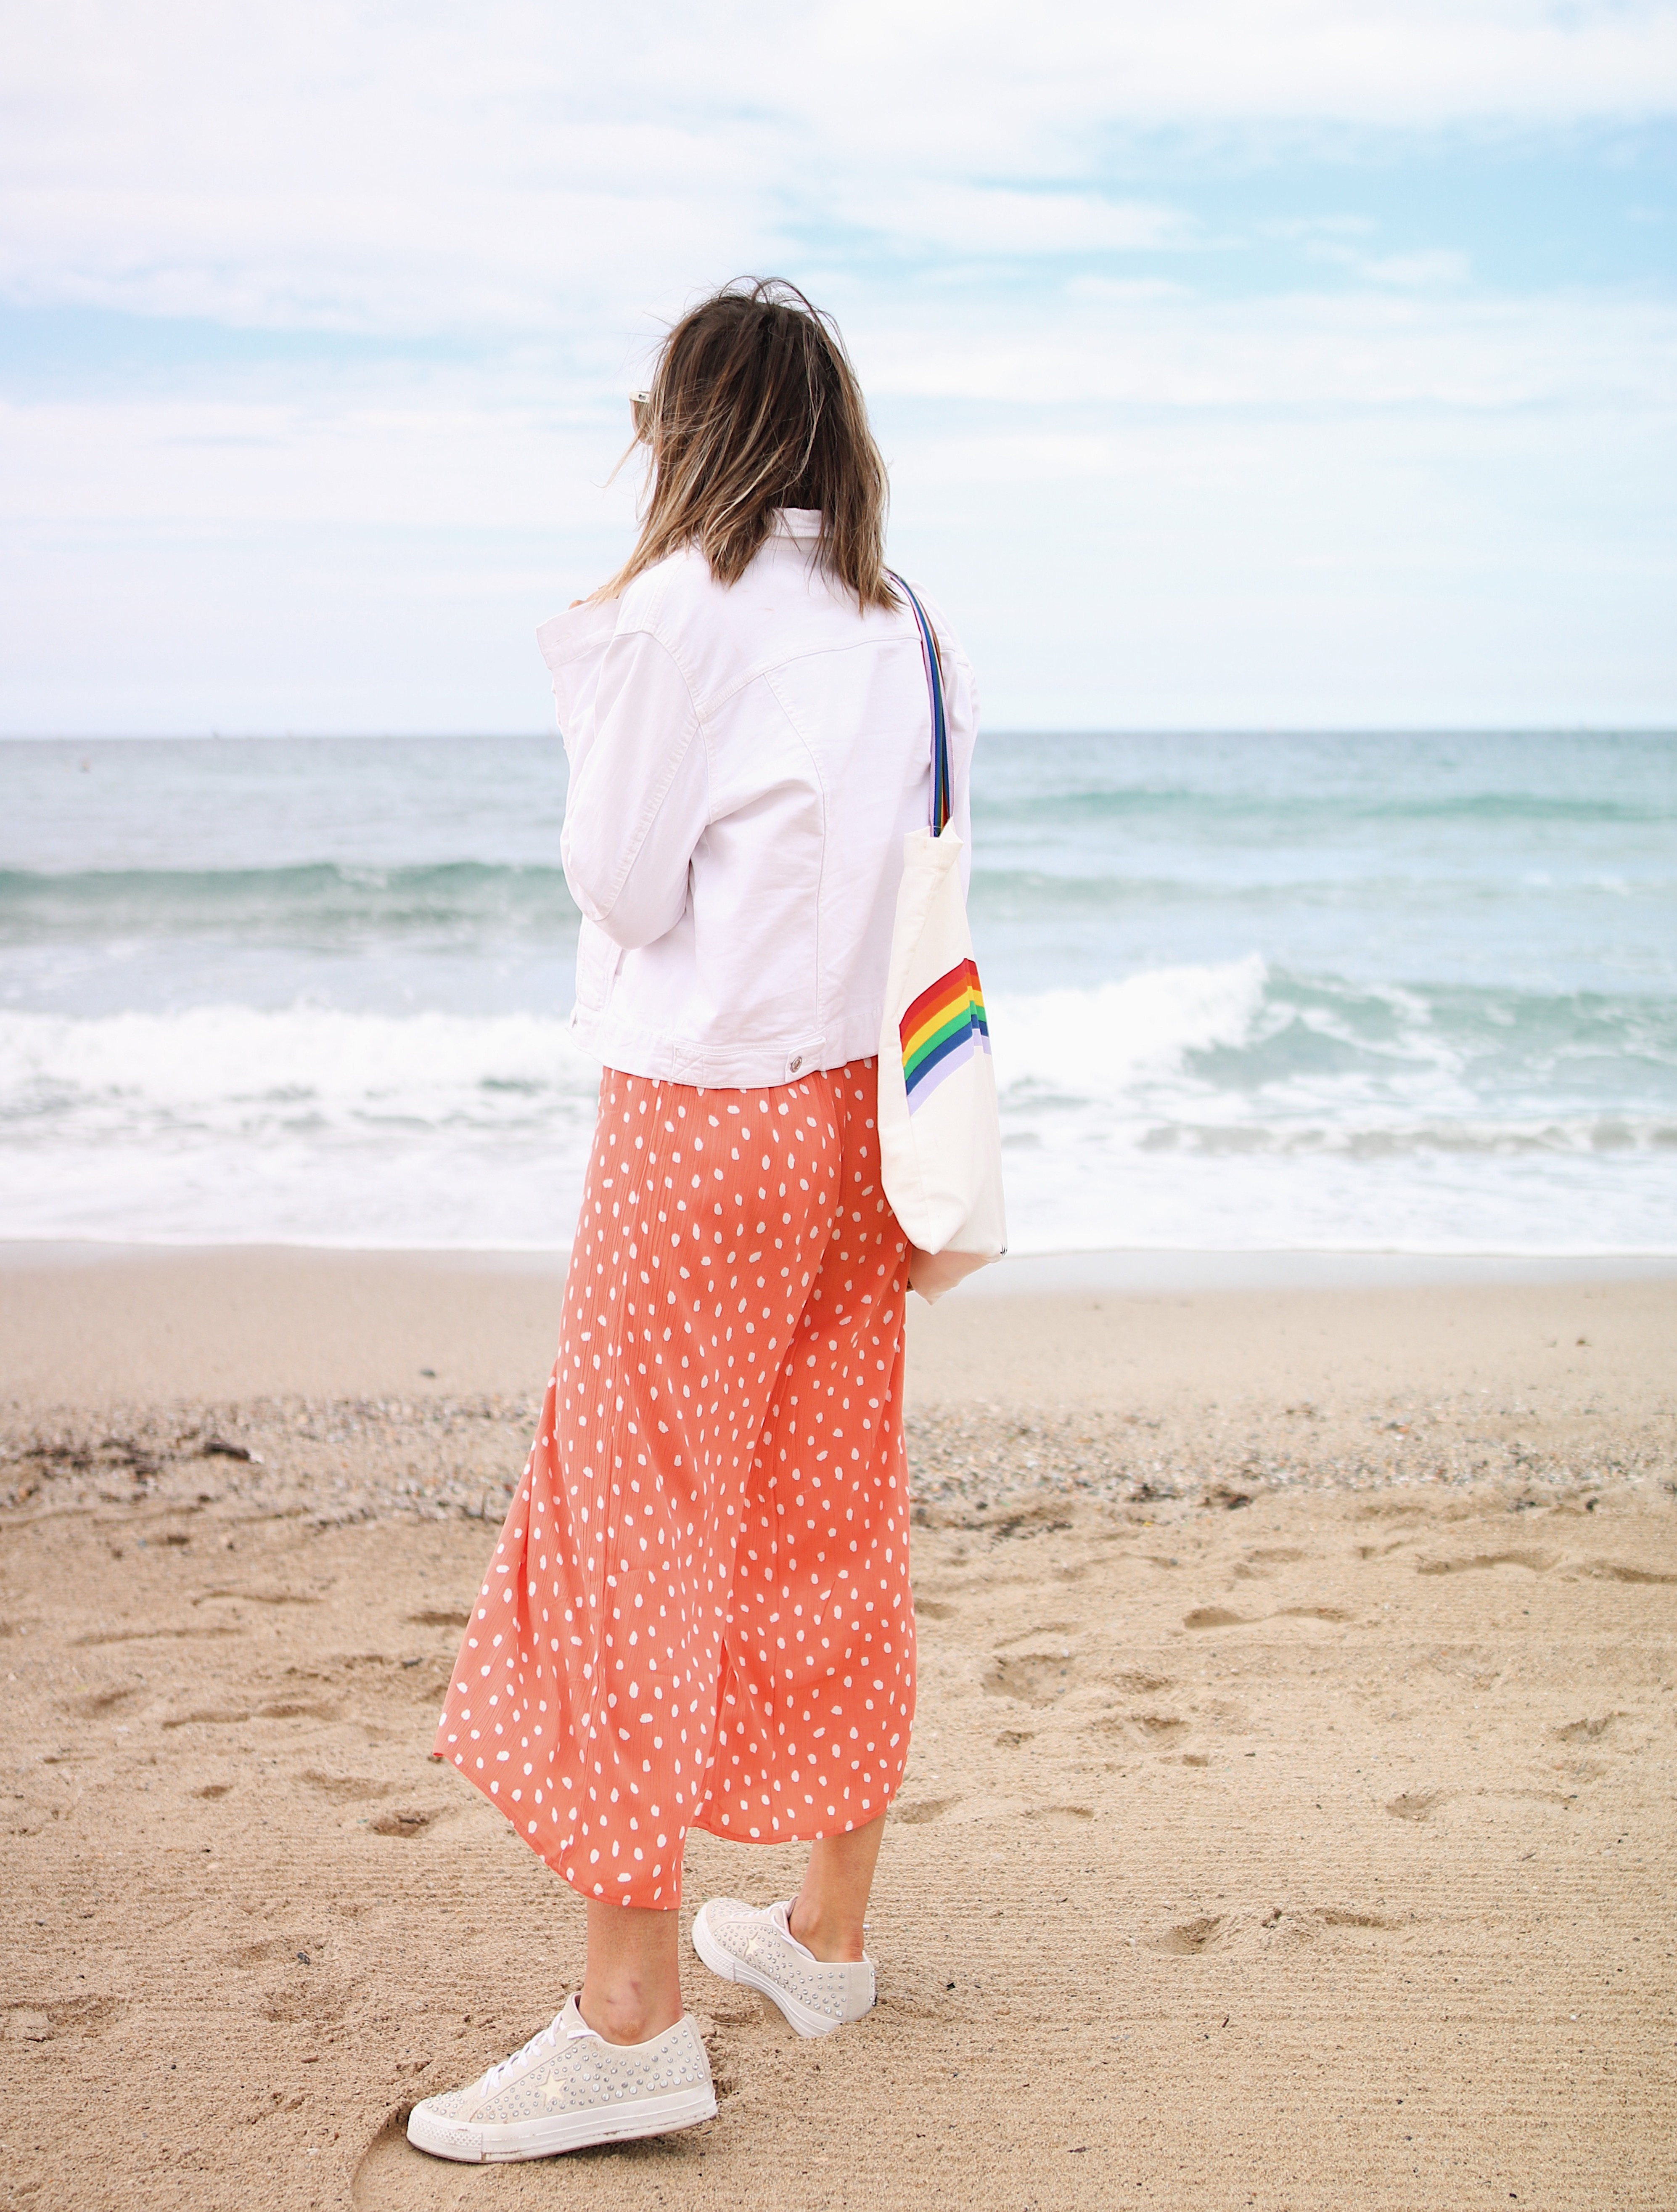 Chon & CHON - www.chonandchon.com - dot orange - combinaison été orange pois, jumpsuits style, look été combinaison corail, summer look, summer style, jumpsuits